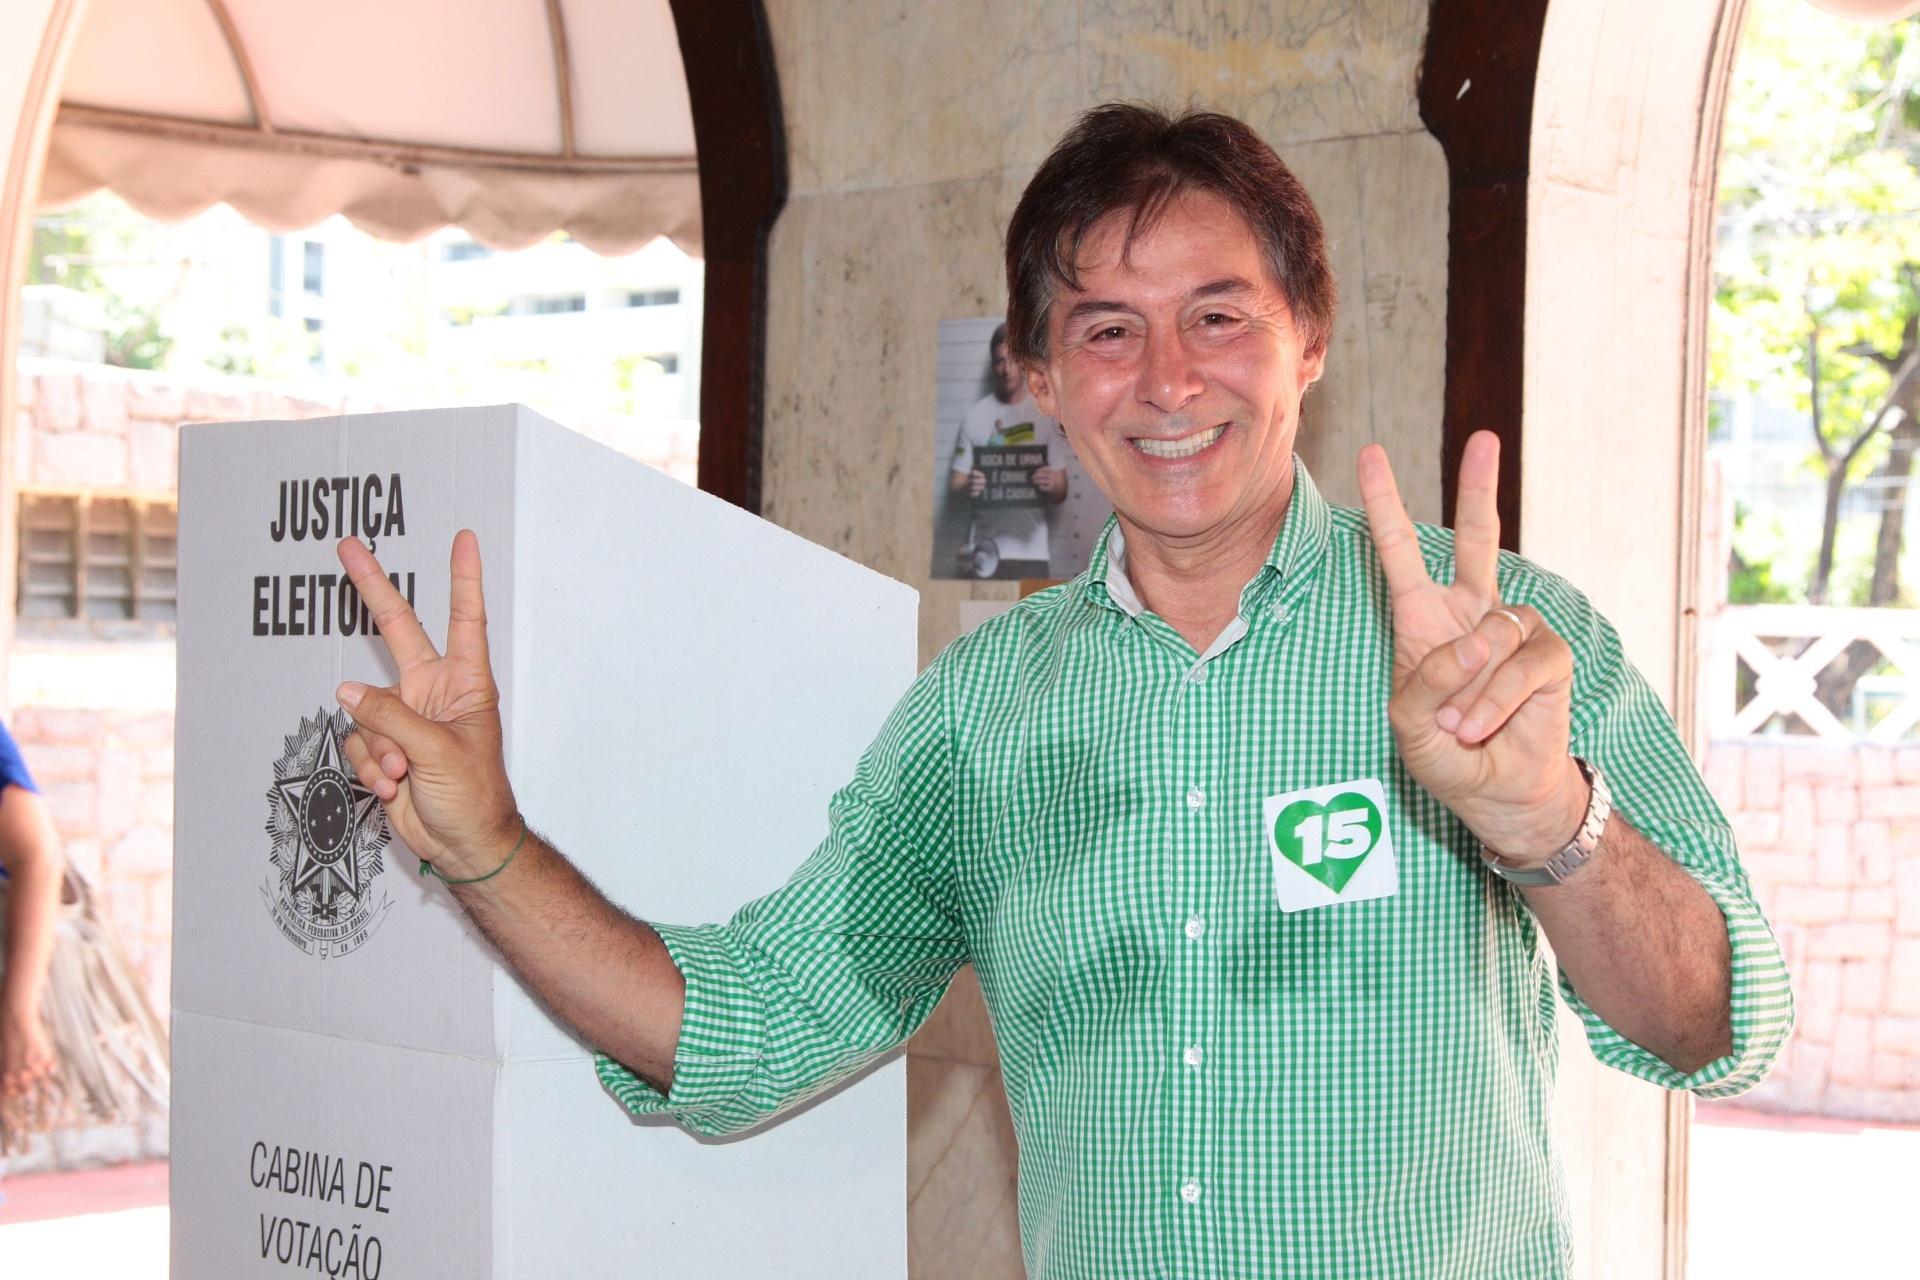 26.out.2014 - O candidato do PMDB ao Governo do Estado do Ceará, Eunício Oliveira, vota no Clube Náutico, no bairro Meireles, em Fortaleza (CE), neste domingo (26), segundo turno das eleições 2014. Segundo pesquisa feita pelo Datafolha, Eunício está com 43% das intenções de votos, contra 57% do seu adversário político, Camilo Santana (PT)